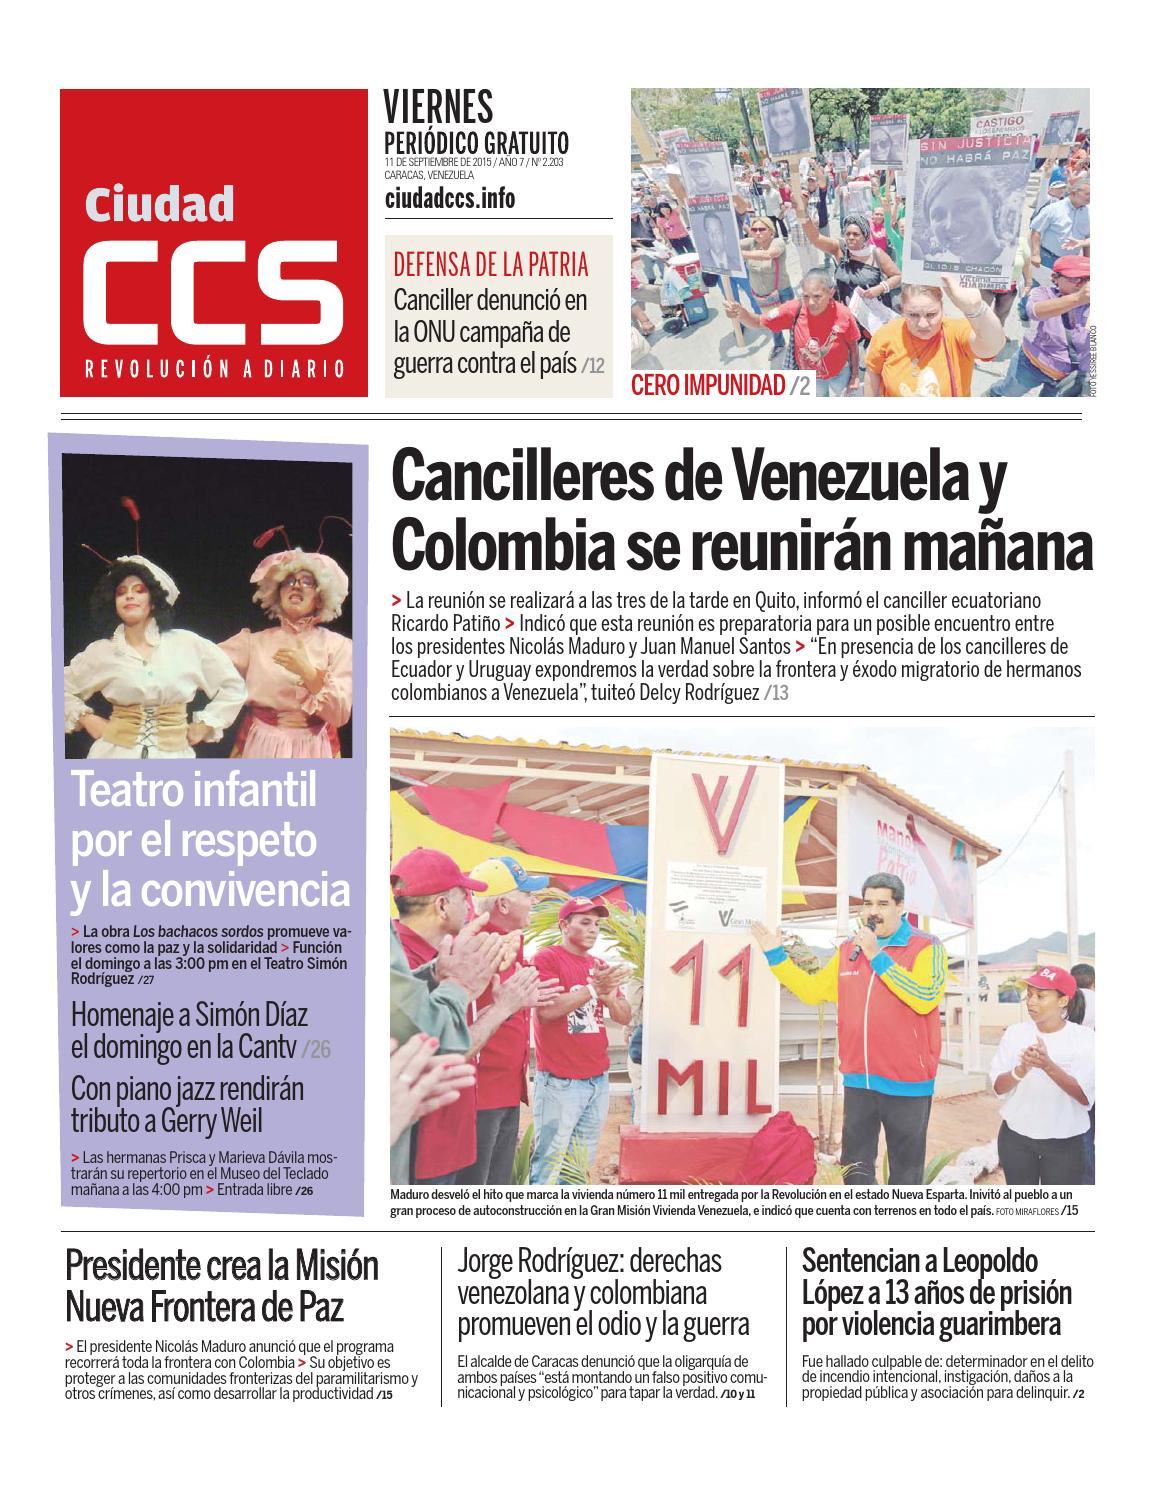 11/09/15 by Ciudad CCS - issuu